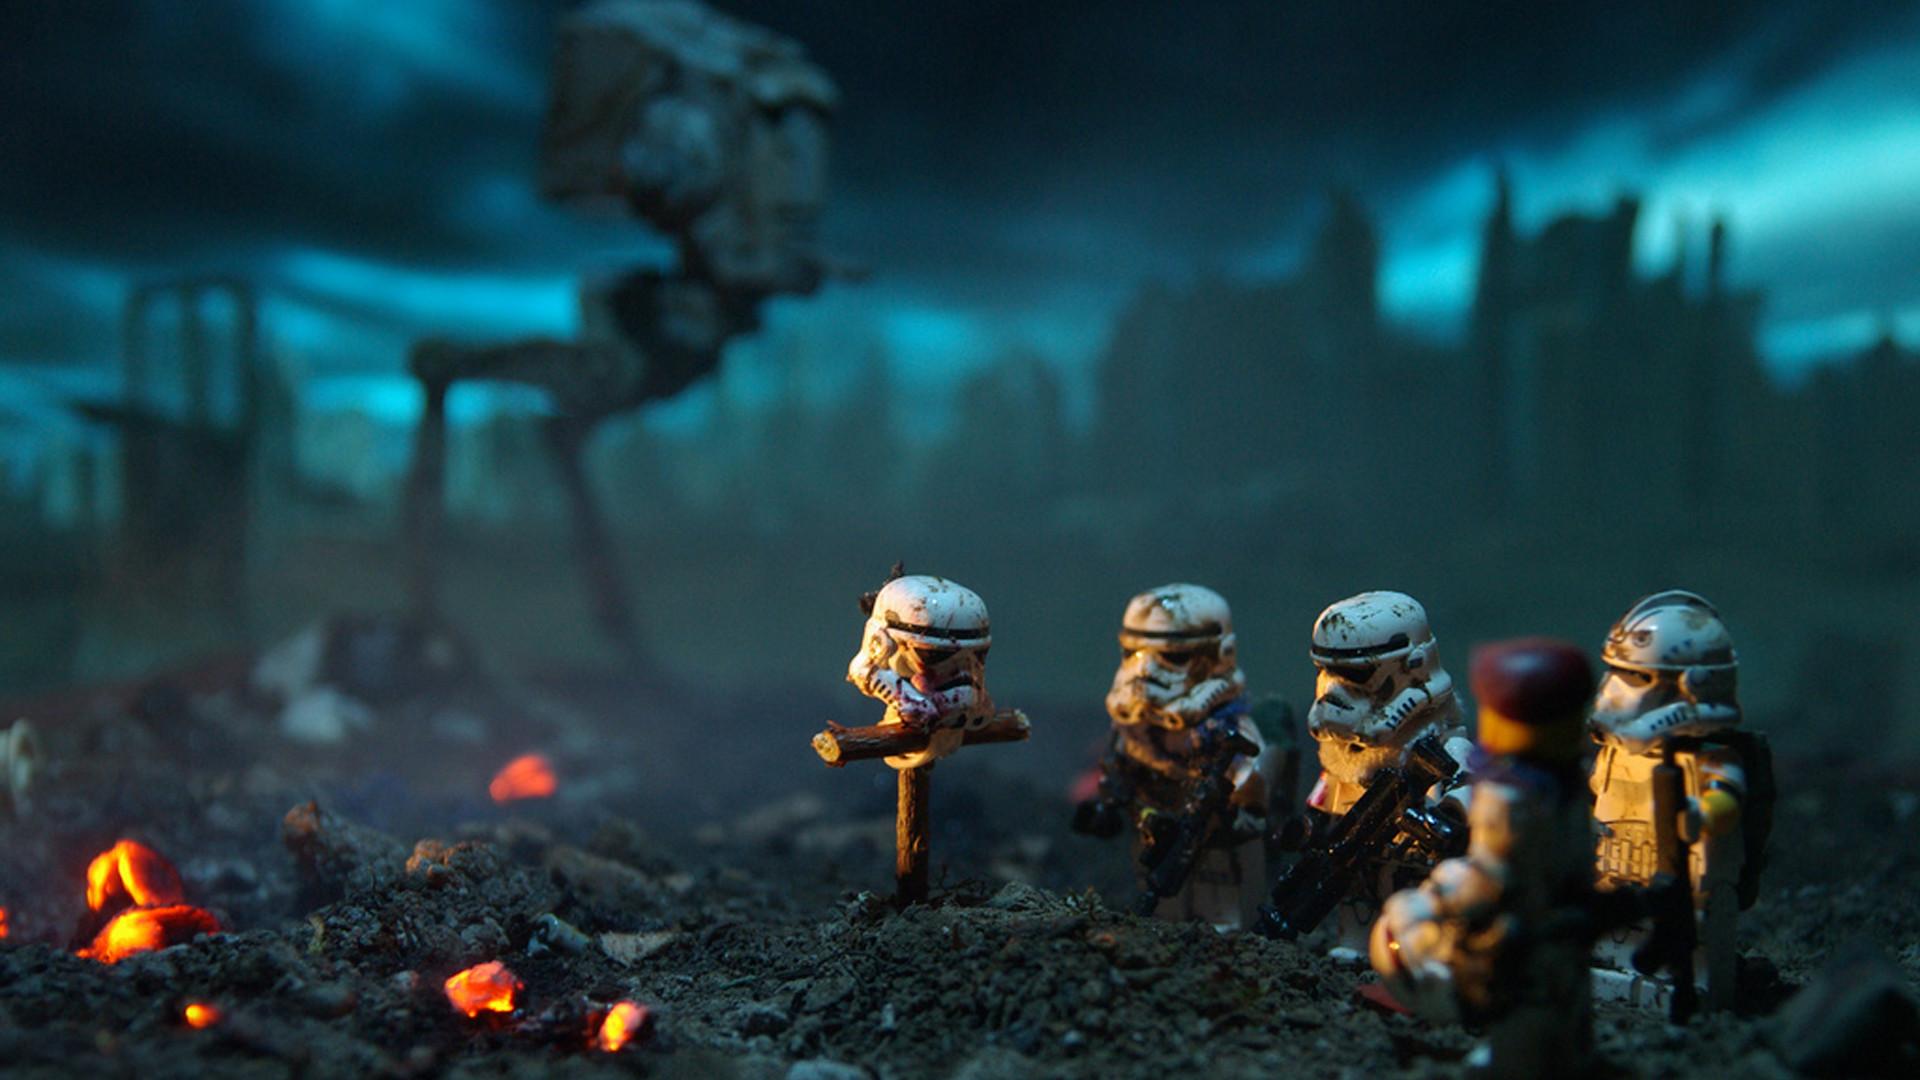 <b>Lego Star Wars Wallpapers</b> – <b>Wallpaper